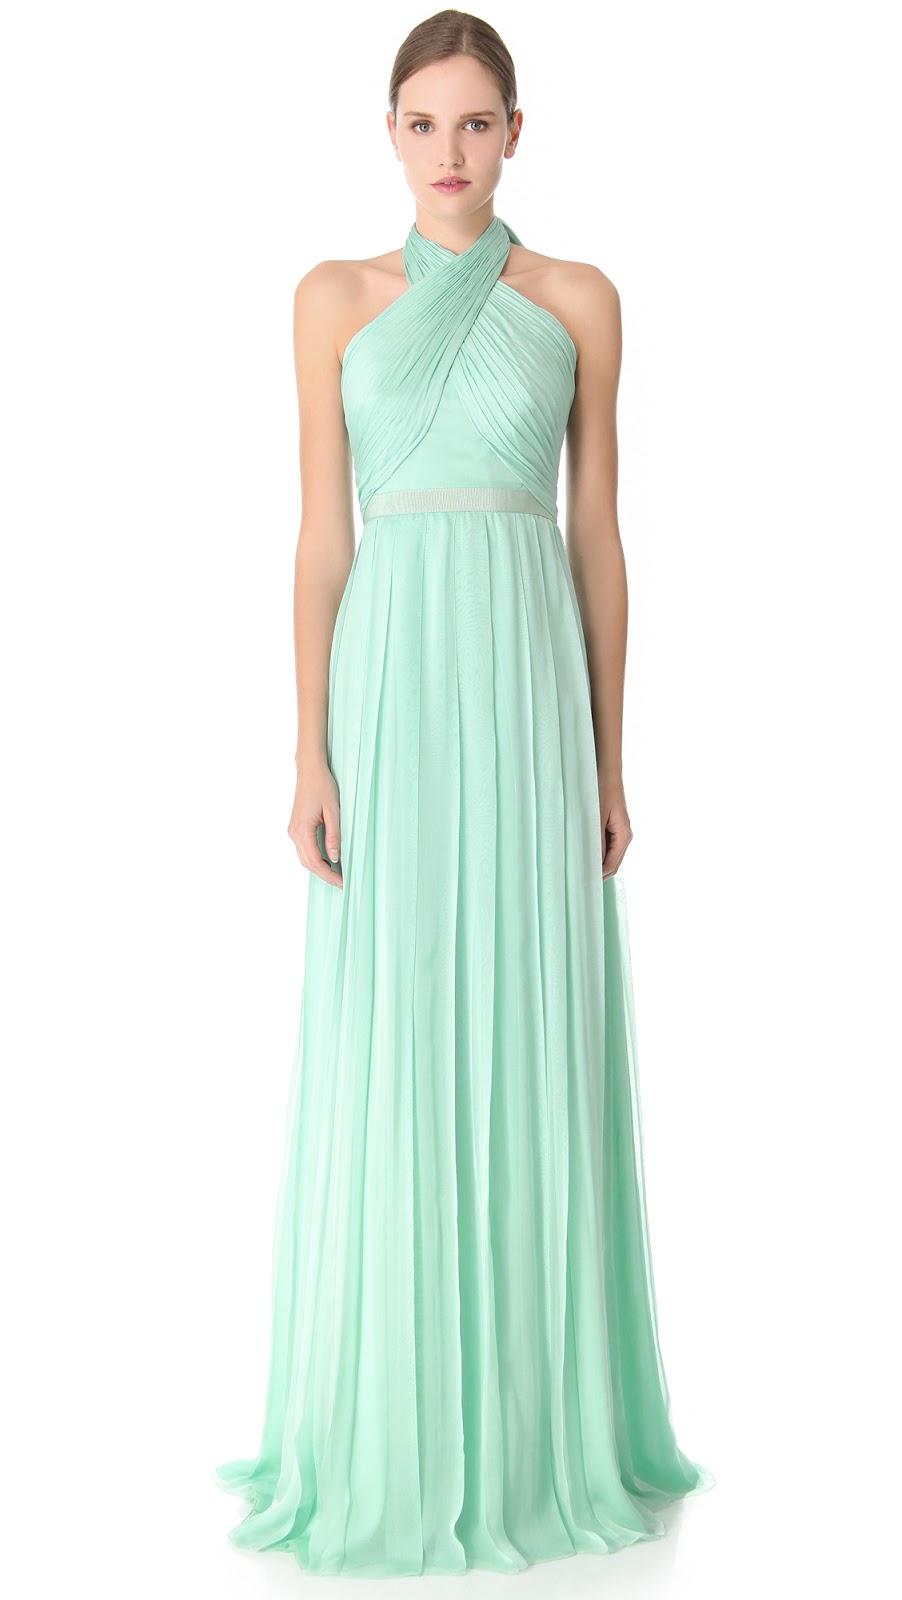 87856db6a0536 Çapraz Askılı Uzun Mint Yeşili Elbise Modelleri »